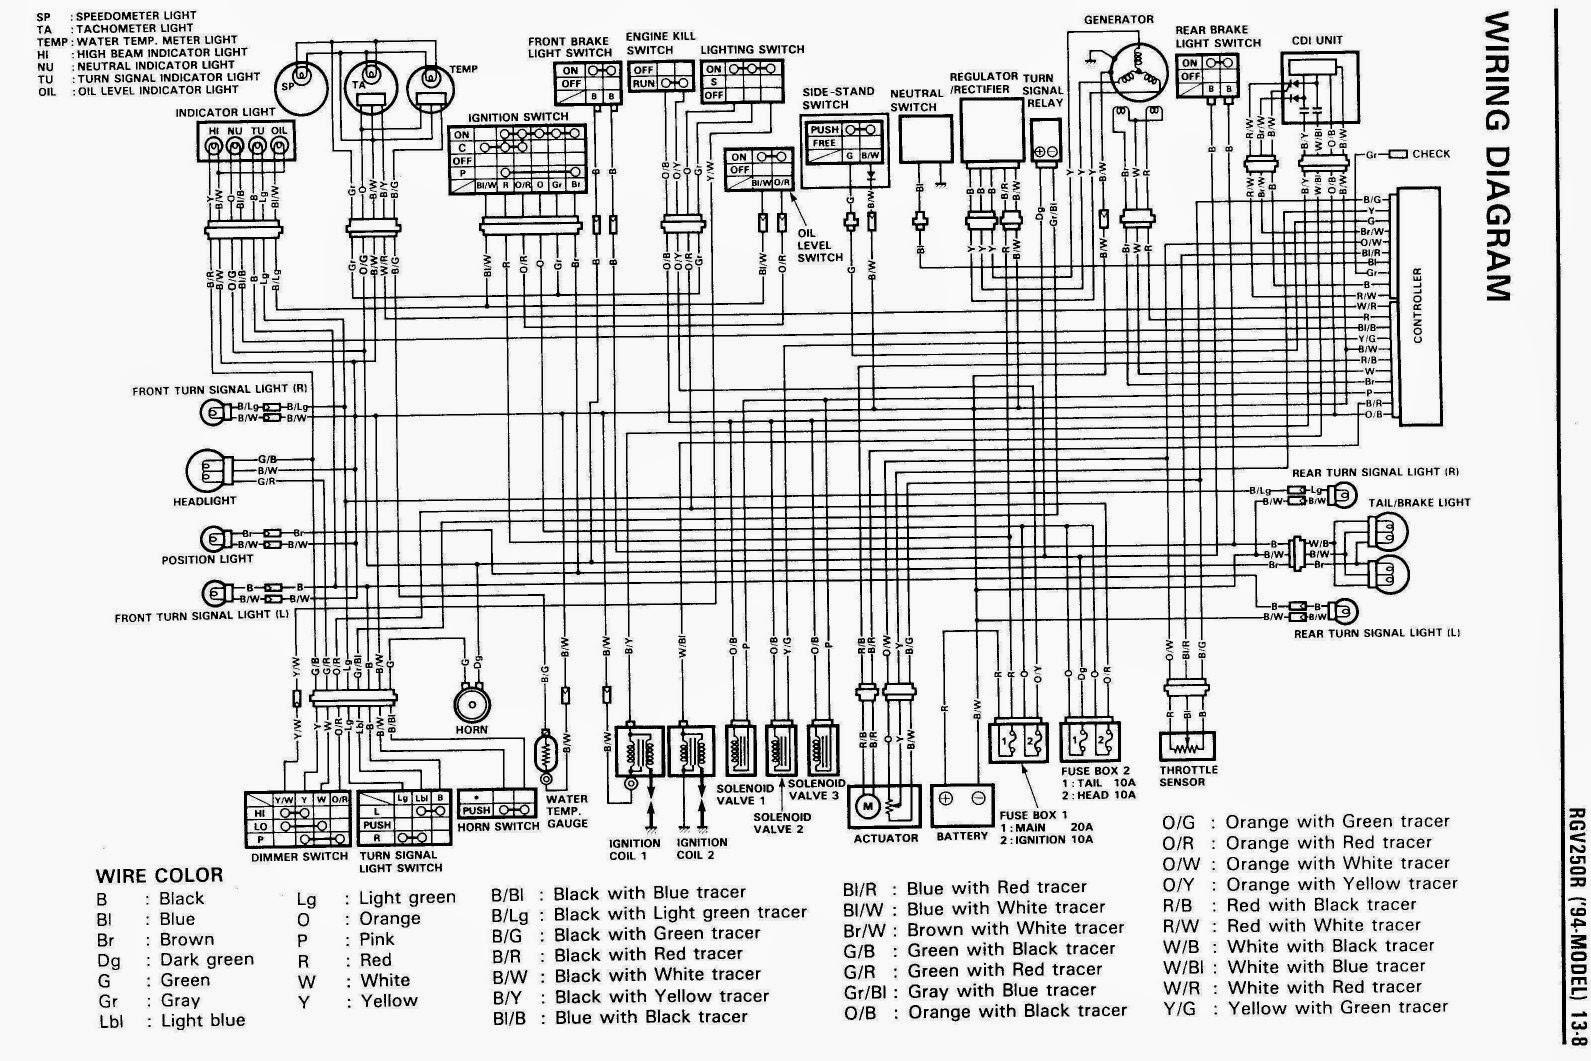 Surprising Suzuki Dr 100 Wiring Diagram Suzuki Gs550 Wiring Diogram Suzuki Wiring Cloud Timewinrebemohammedshrineorg